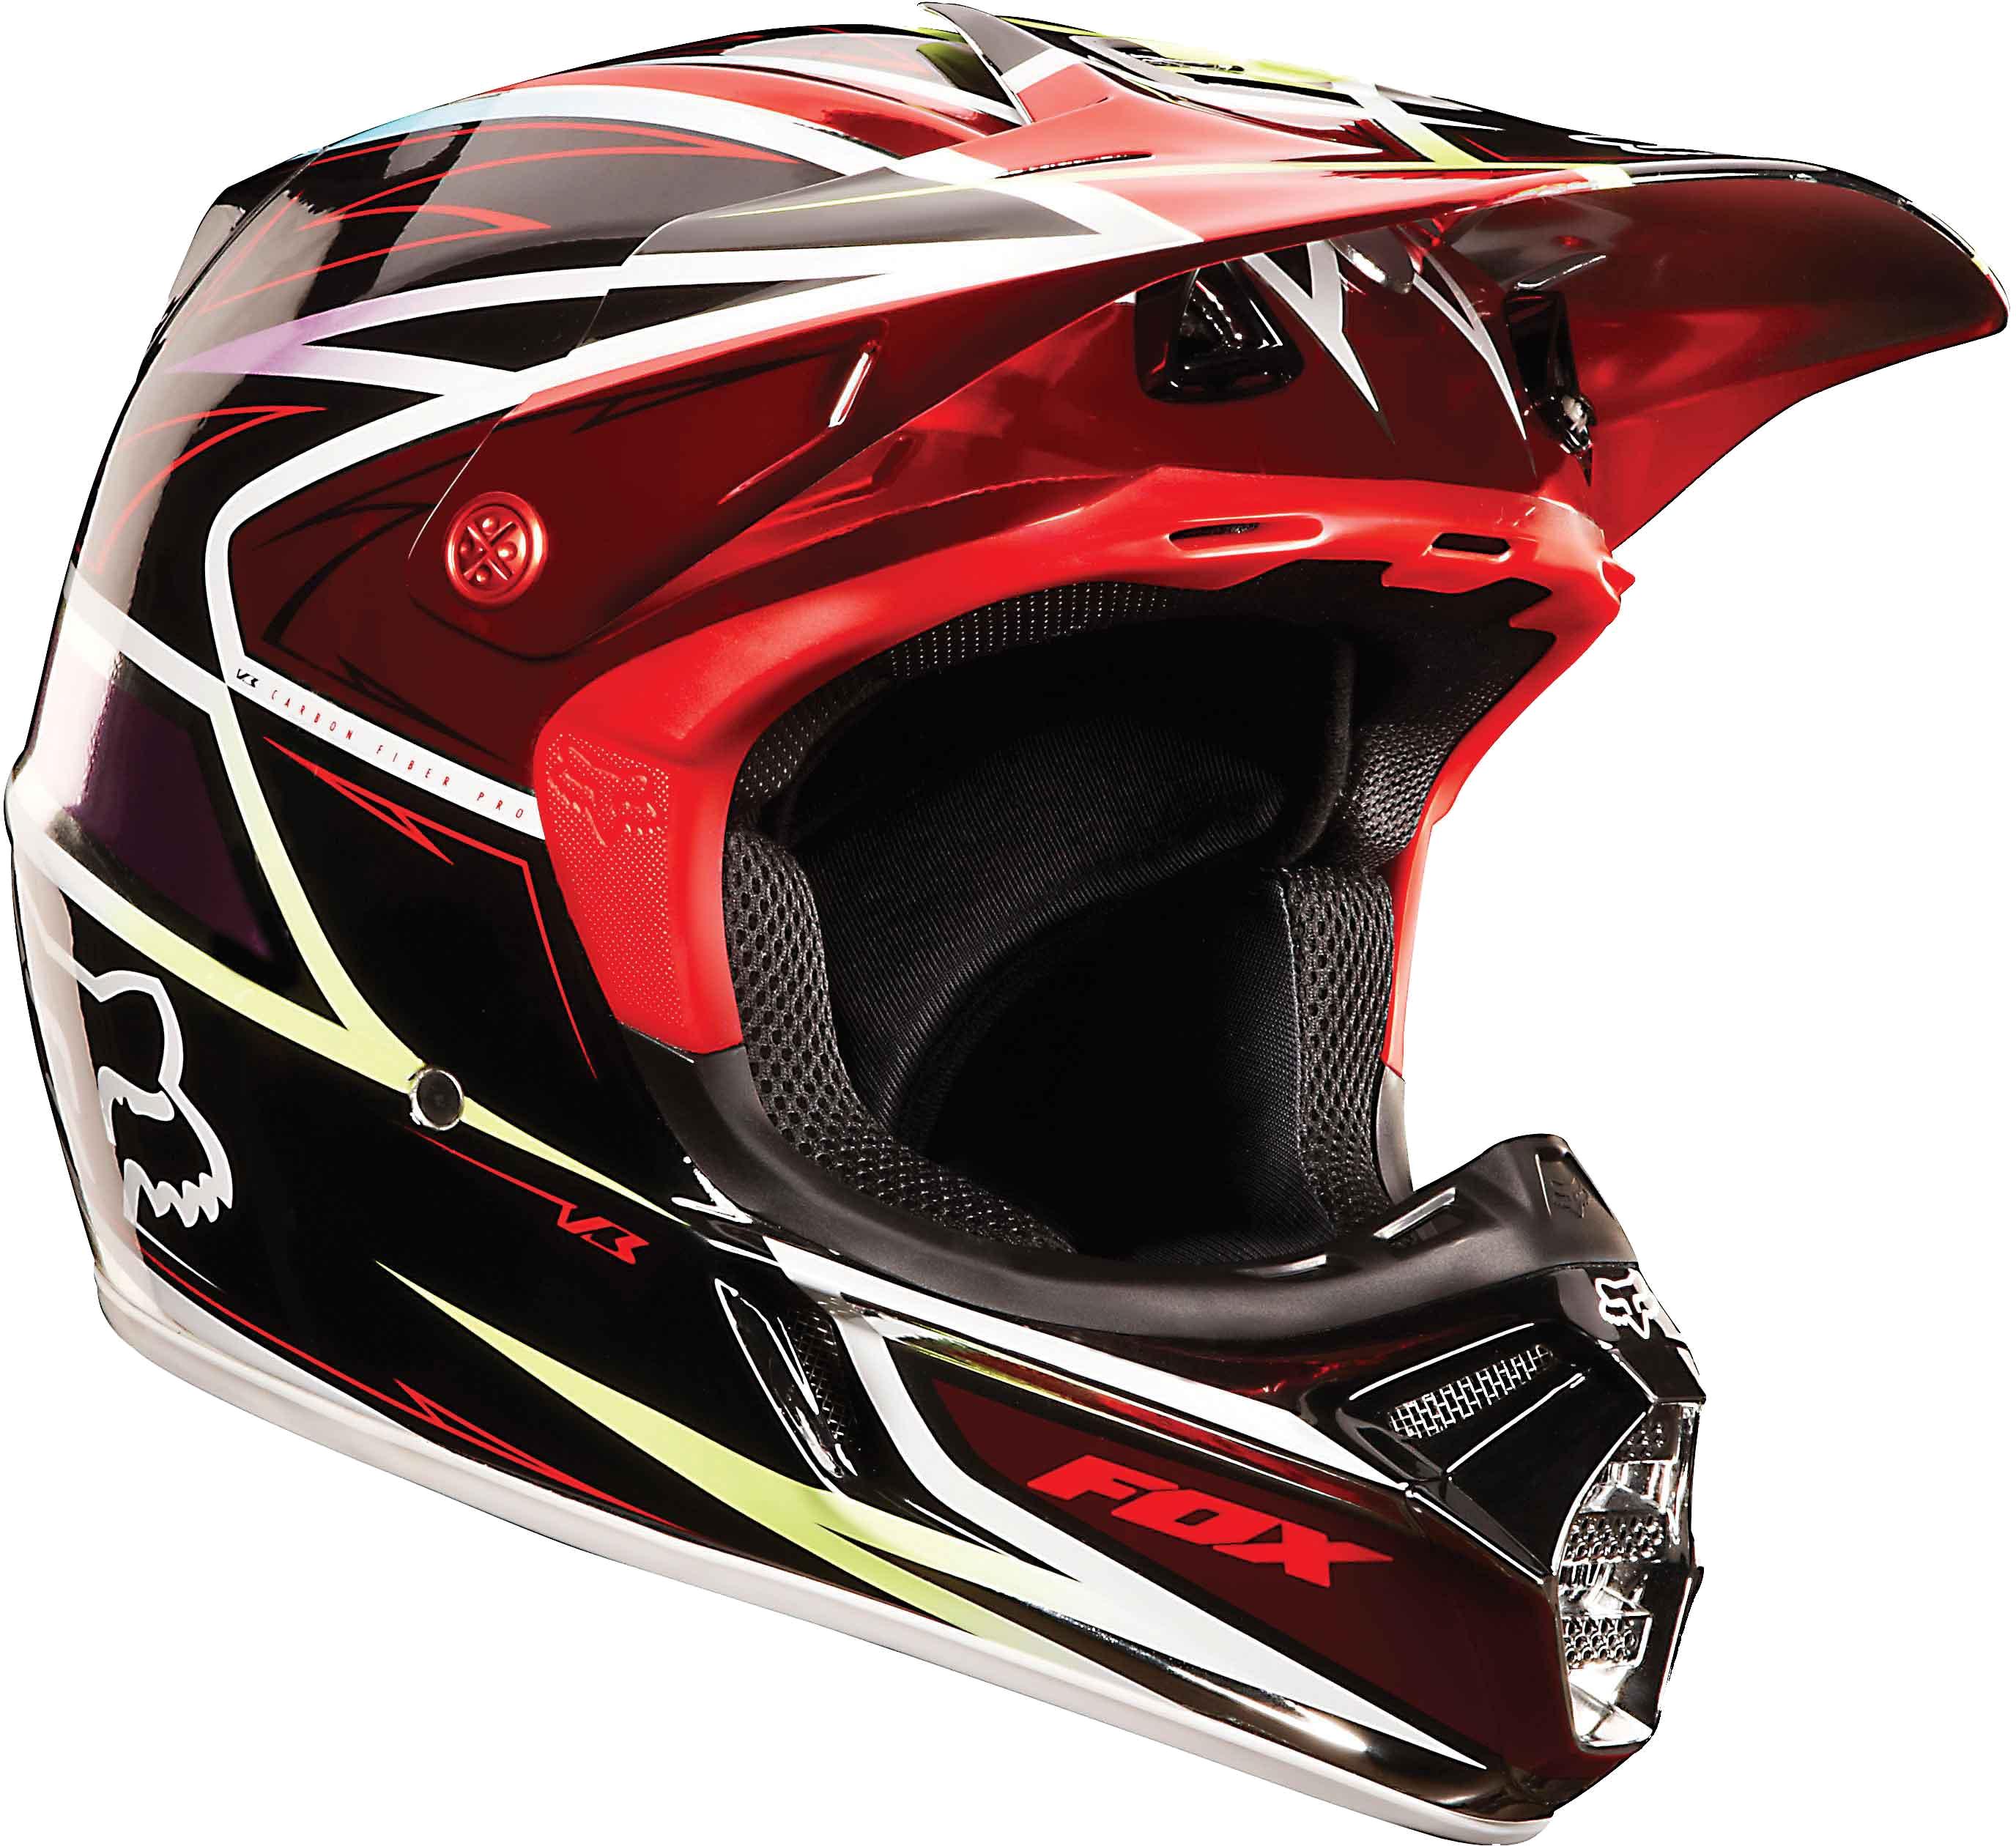 Racing helmet png. Motorcycle helmets in high